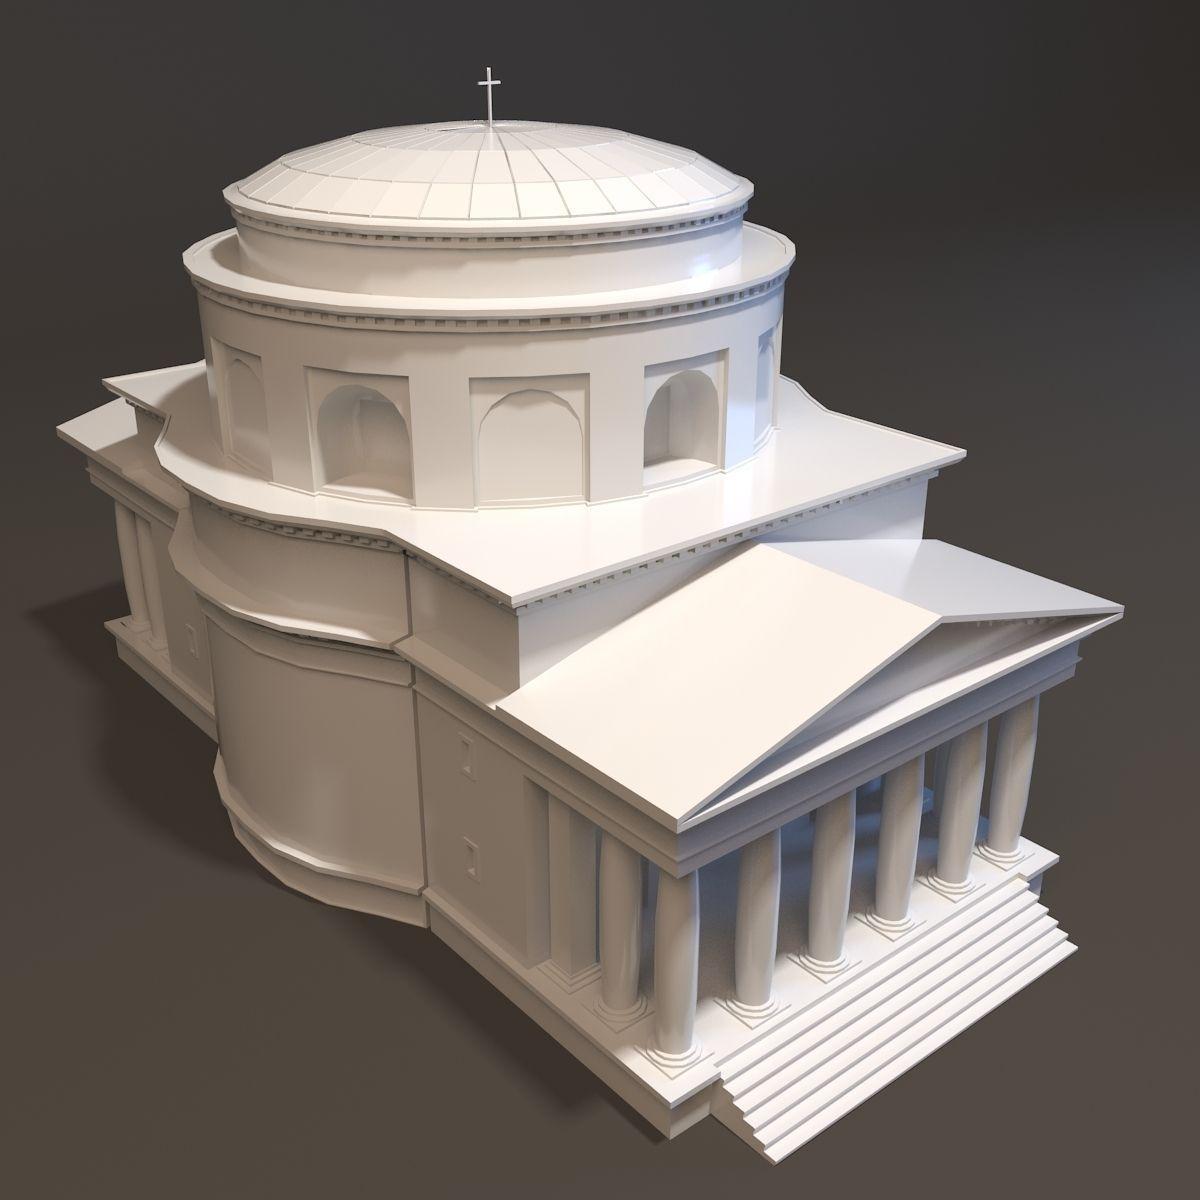 Neoclassical St Alexander Church Miniature 3D Model 3D